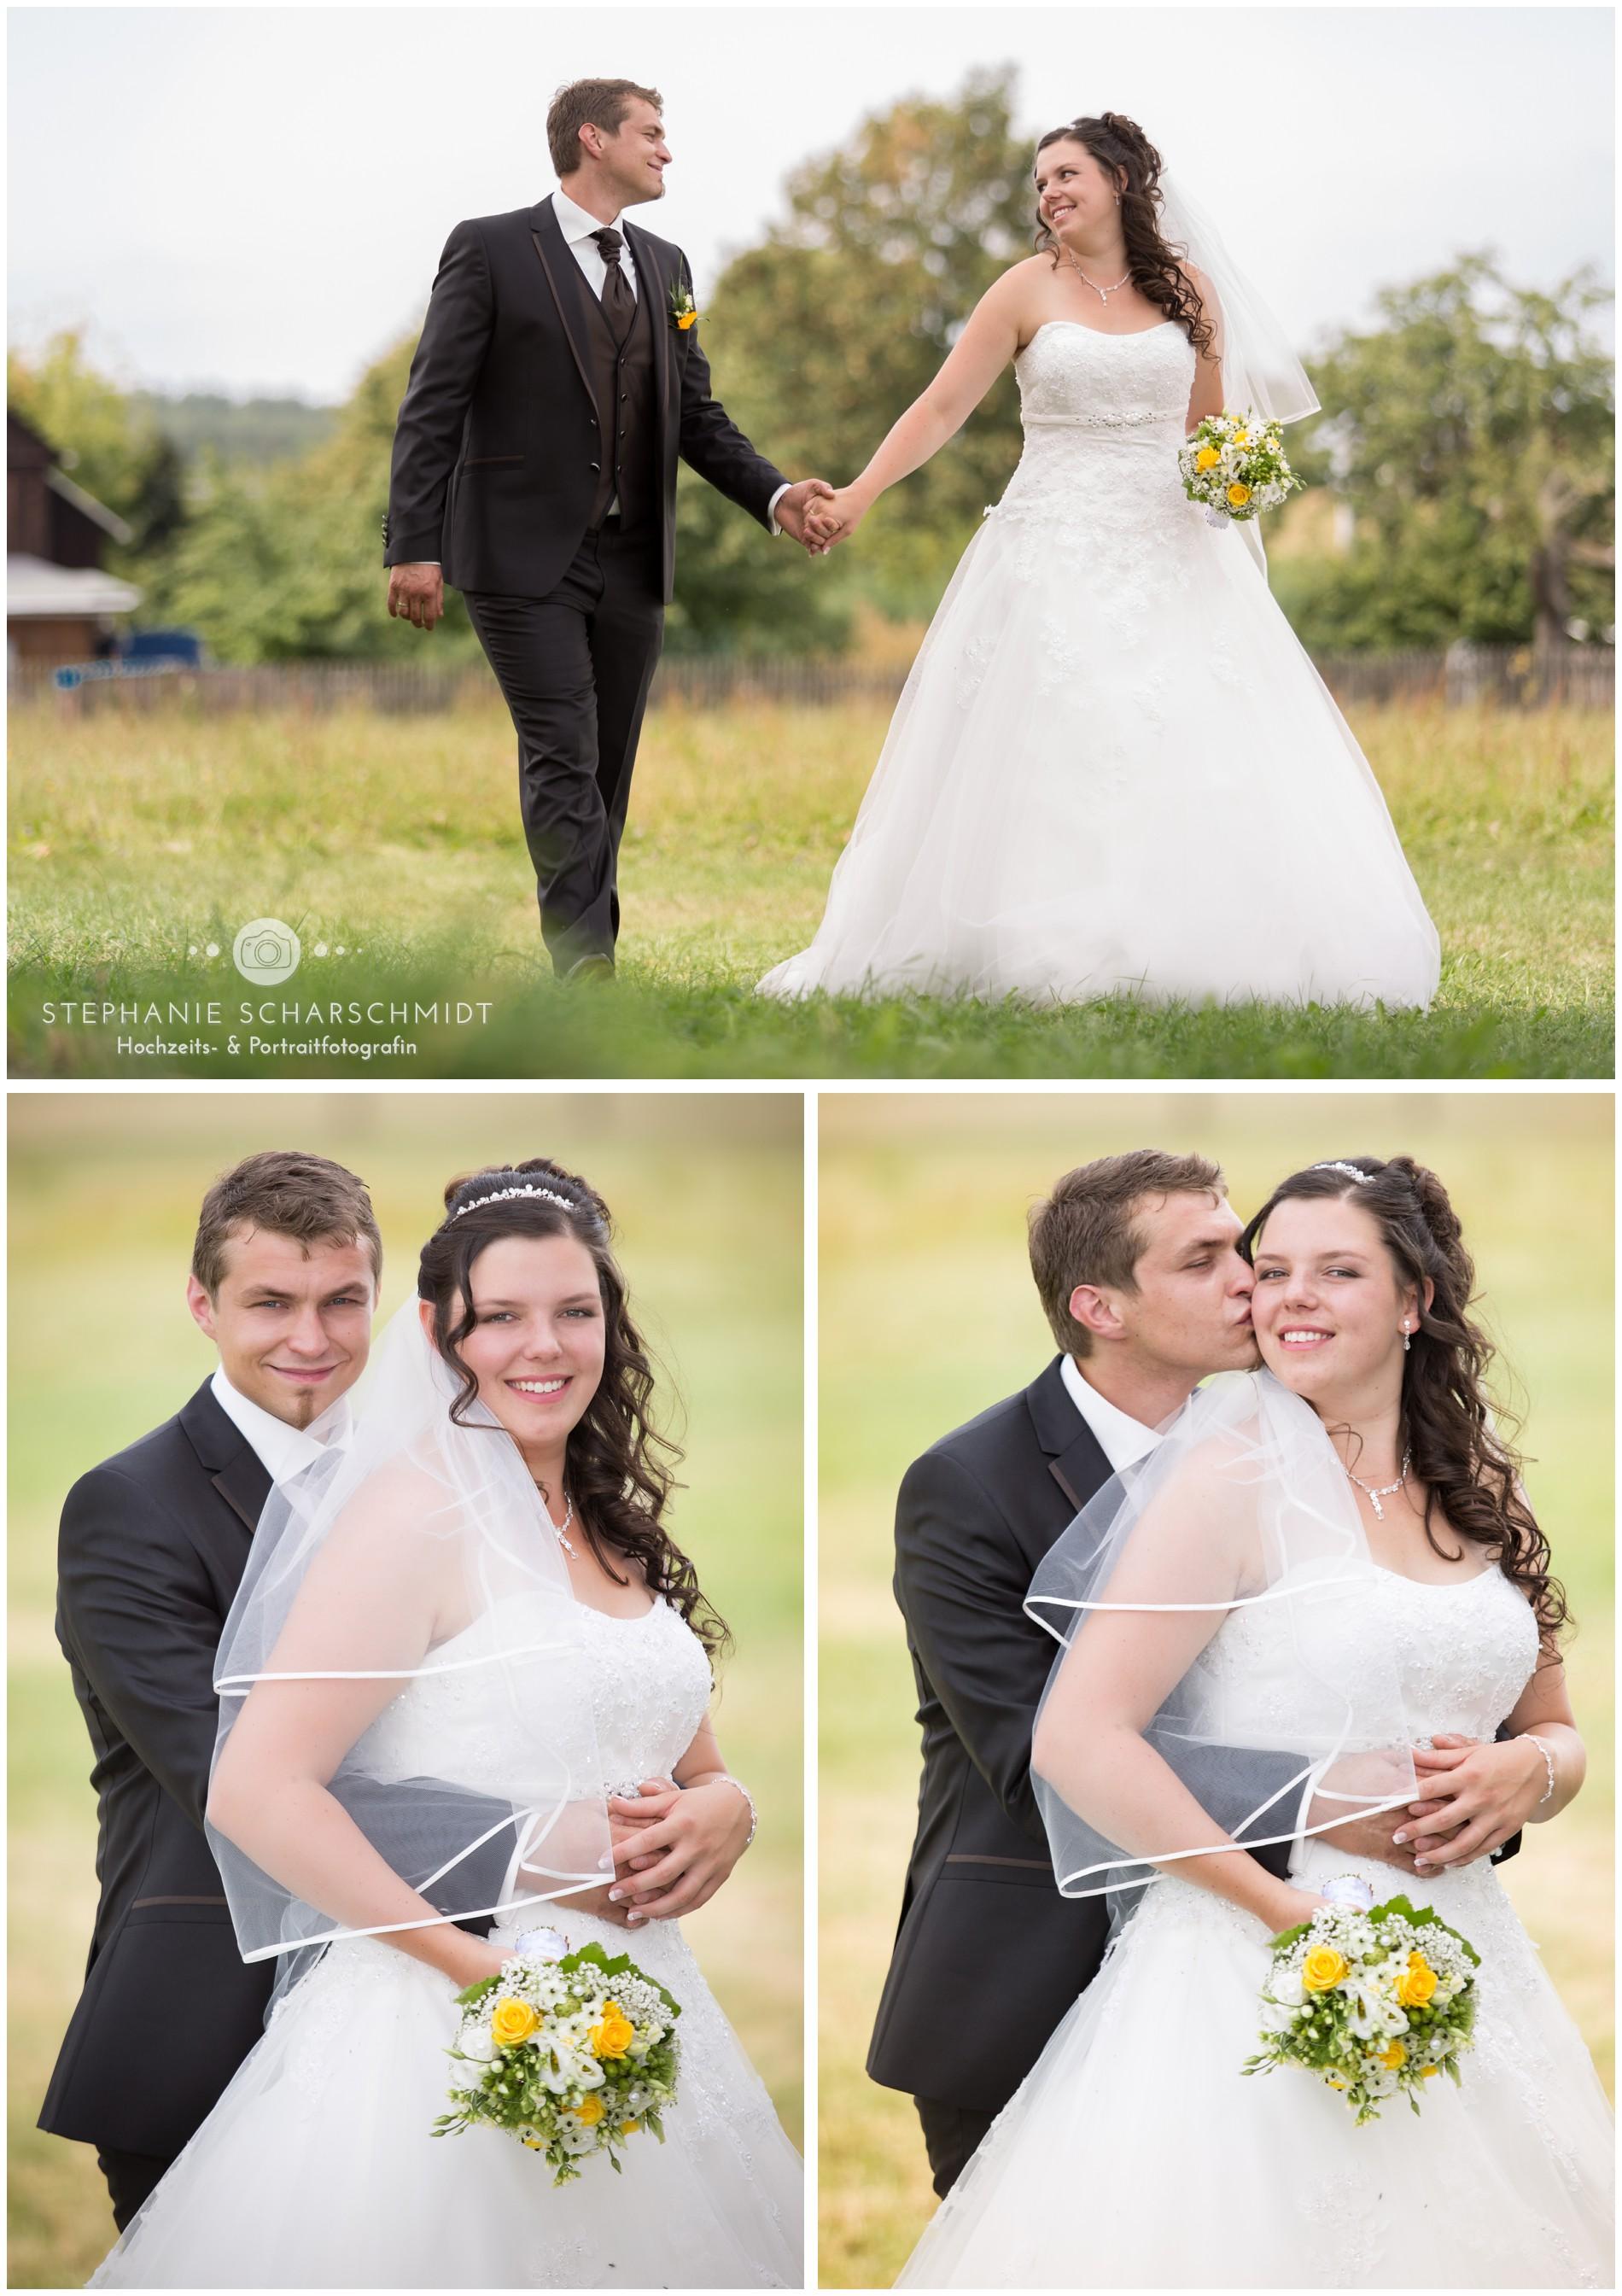 Als Hochzeitsfotograf in der Alten Wache in Greiz unterwegs ...